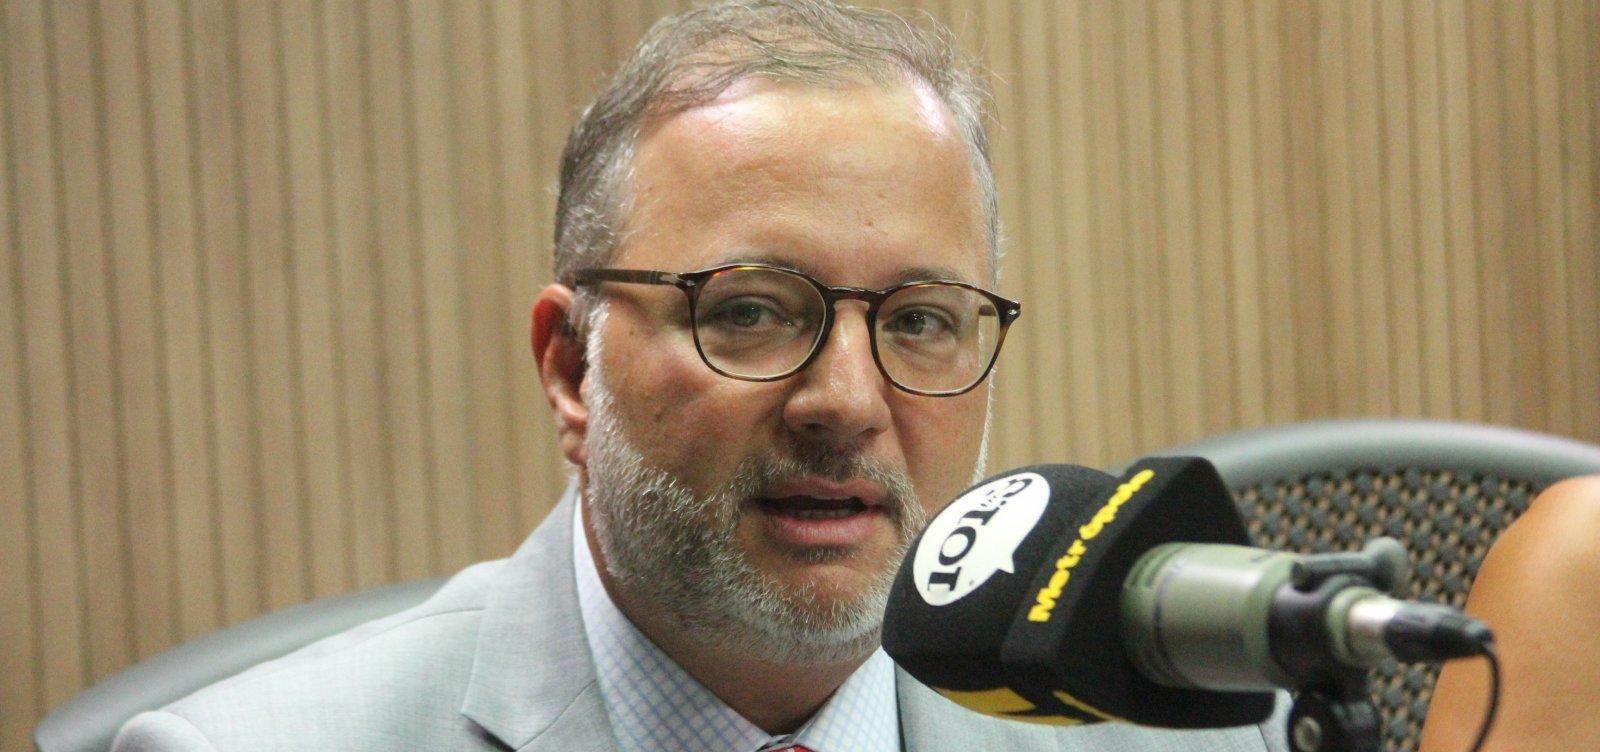 ['Vamos falar de centenas de casos por dia', diz Secretário de Saúde da Bahia sobre coronavírus nas favelas]